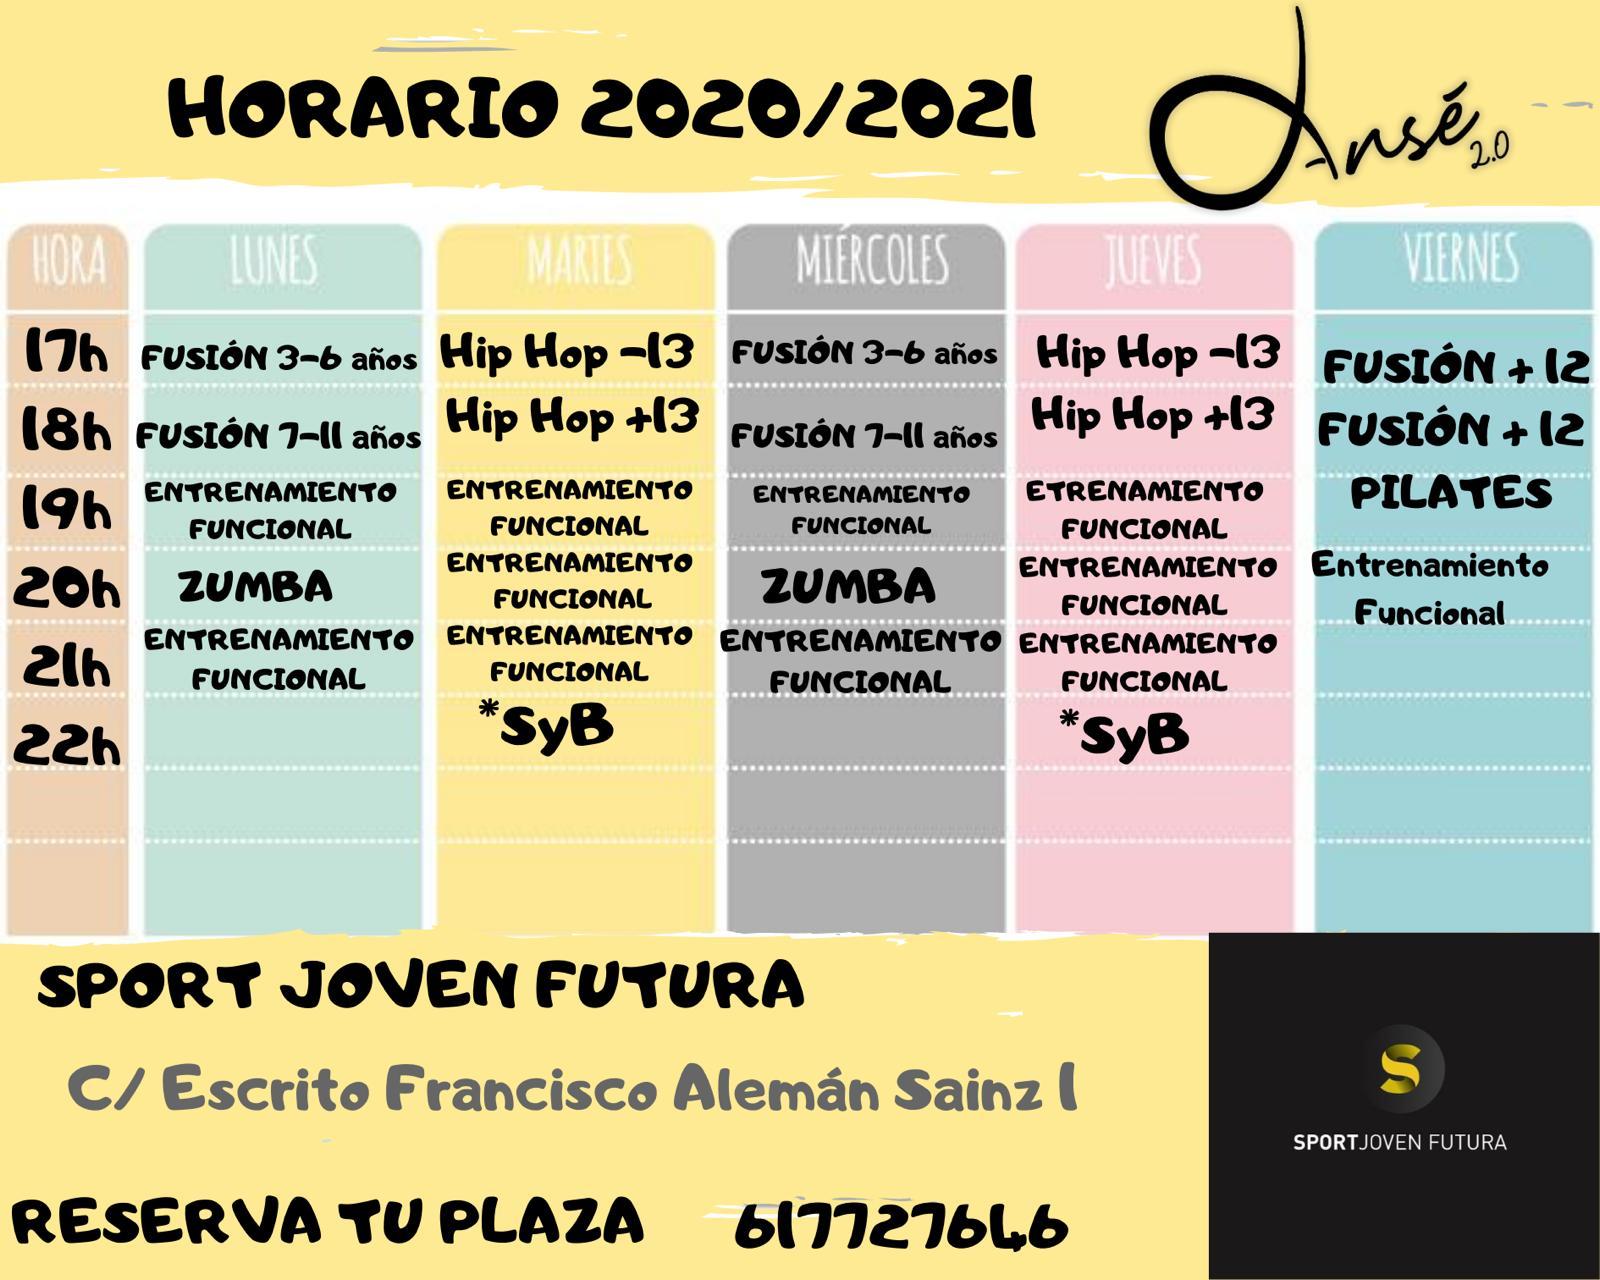 Horario actividades dansé 2.0 en centro deportivo Joven Futura 2020-2021